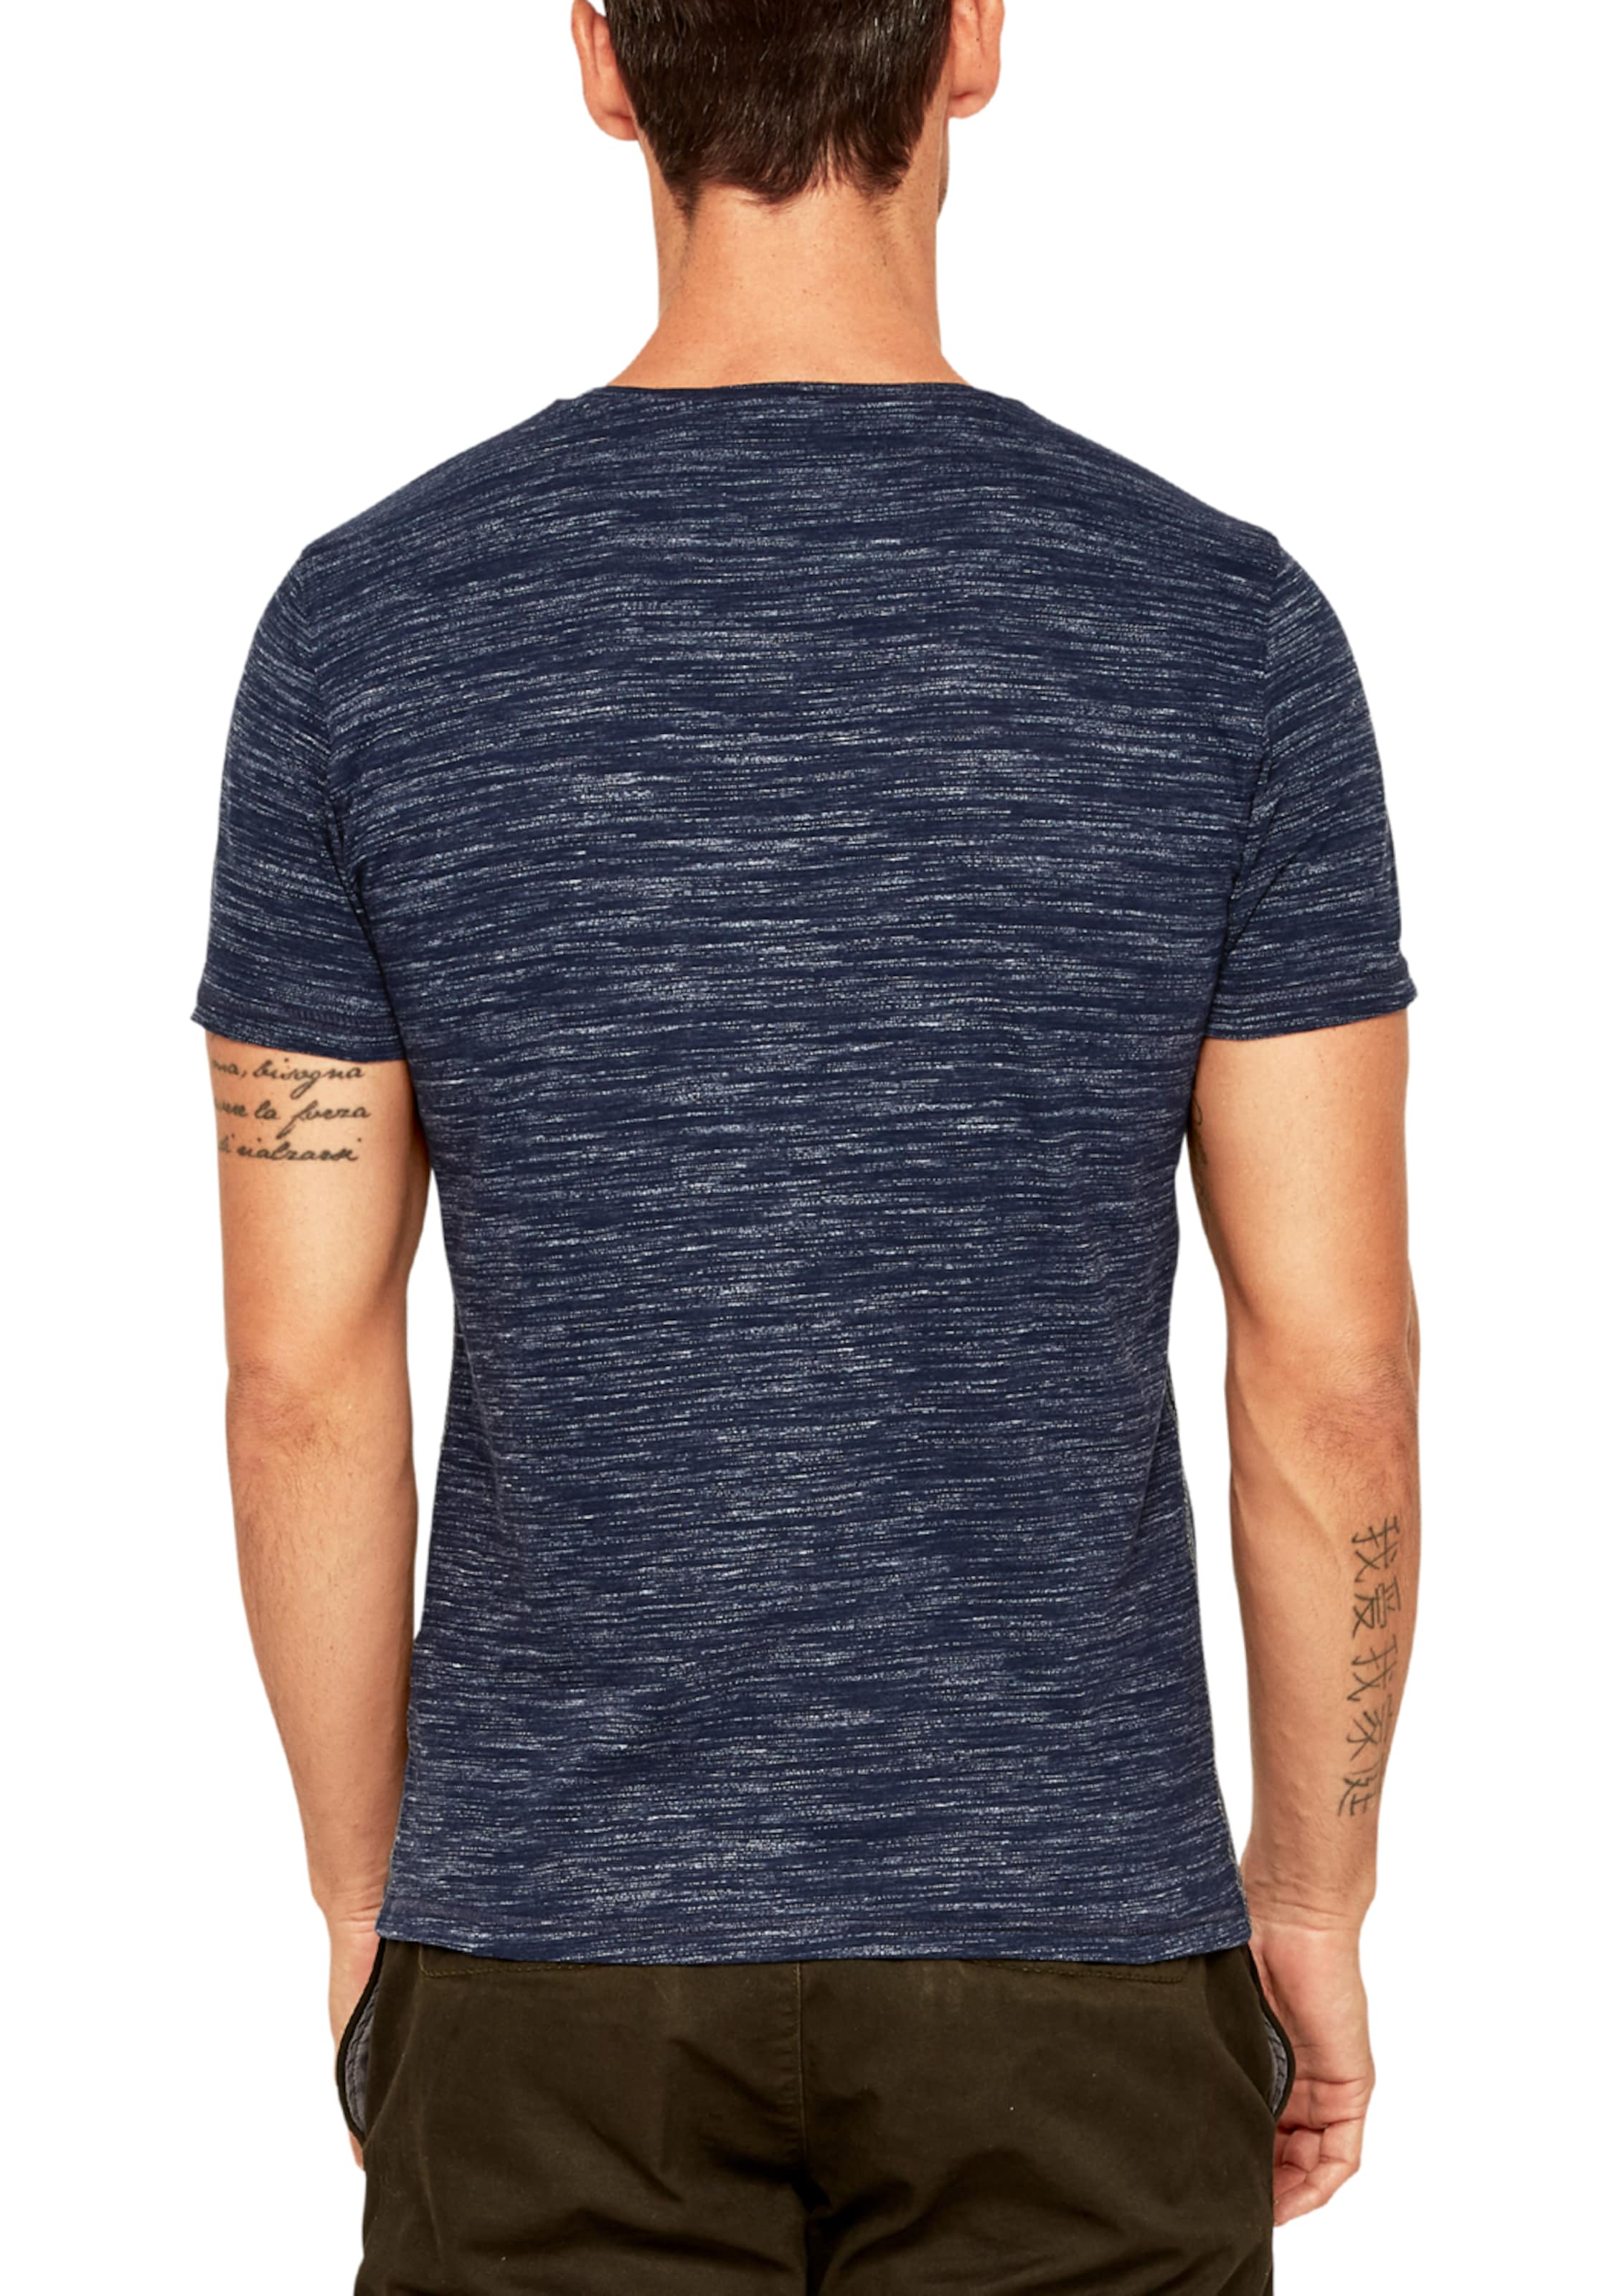 In Red DunkelblauBlaumeliert S Label oliver Shirt m8n0wvN